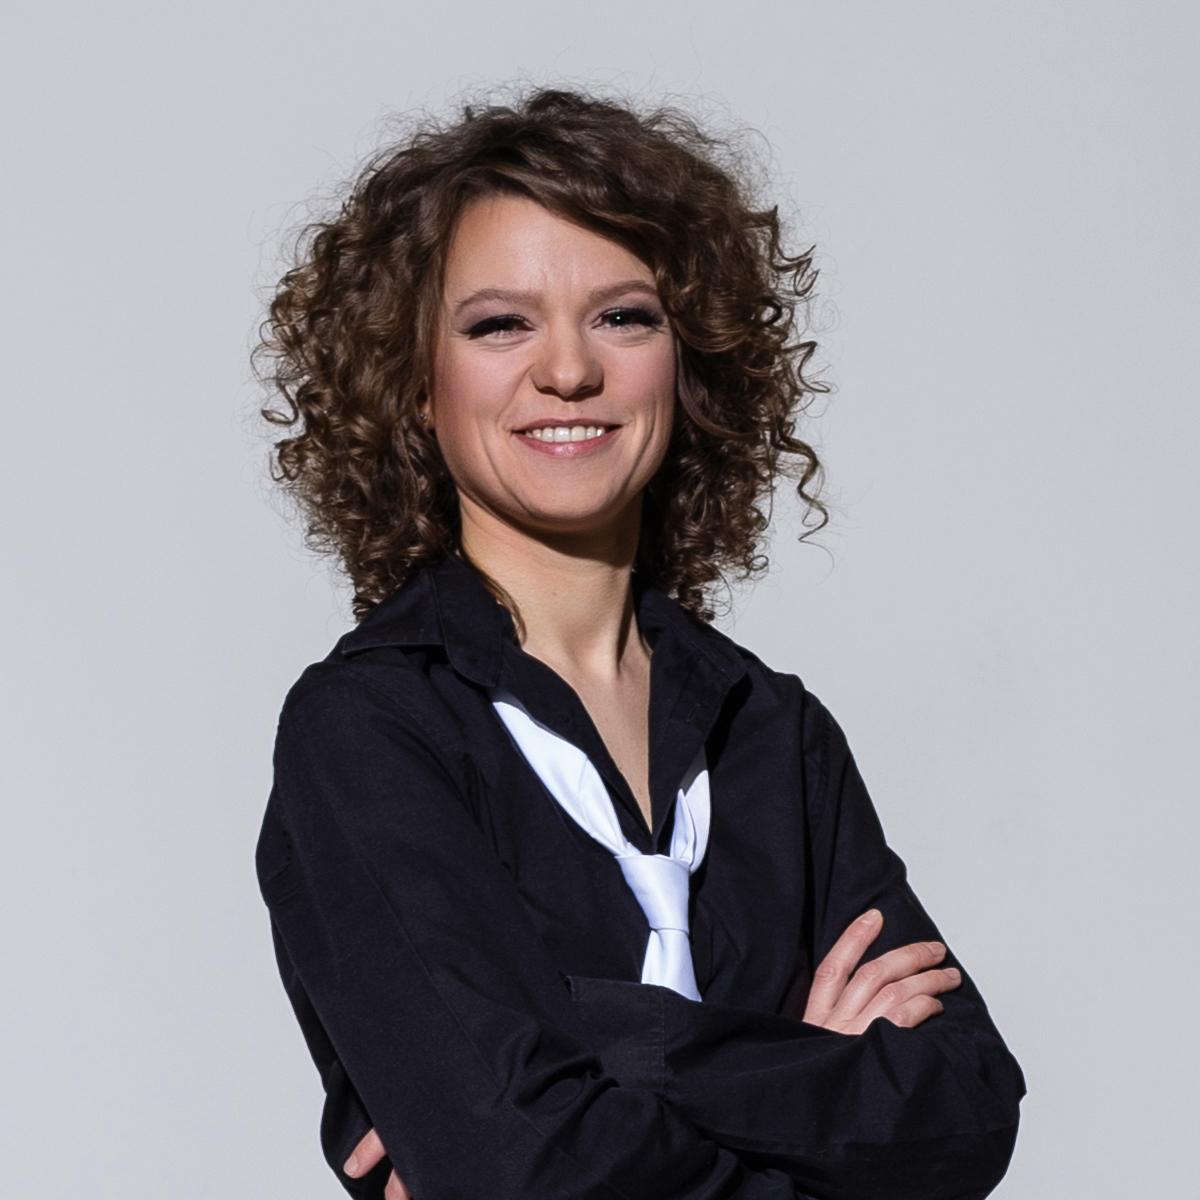 Lisa Leidenfrost